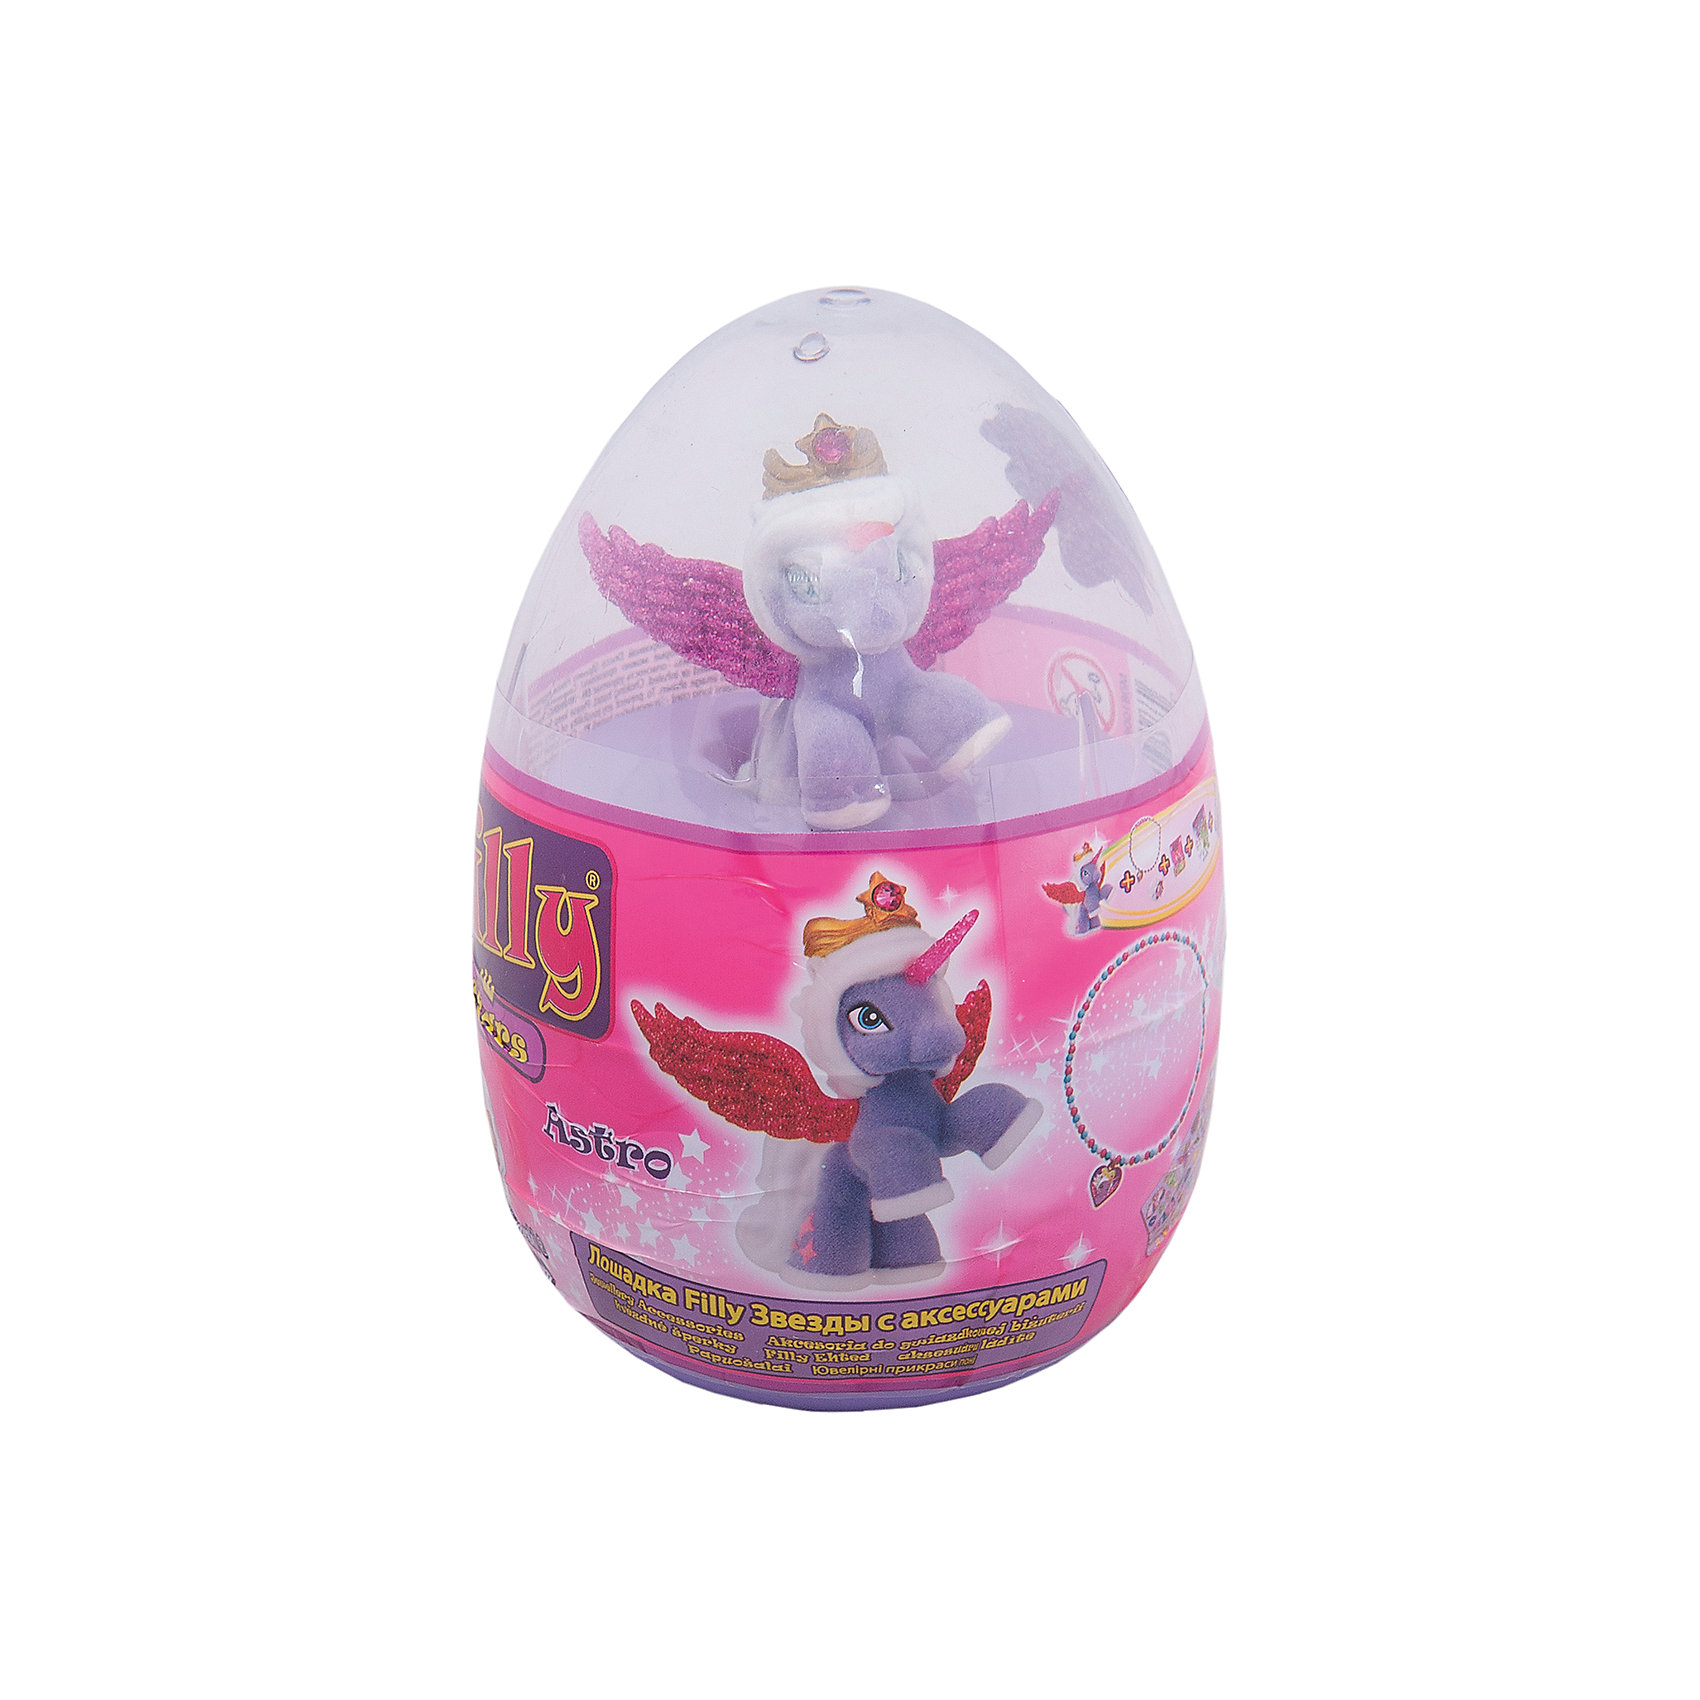 Набор Filly Звезды Hermia, в яйце, Dracco